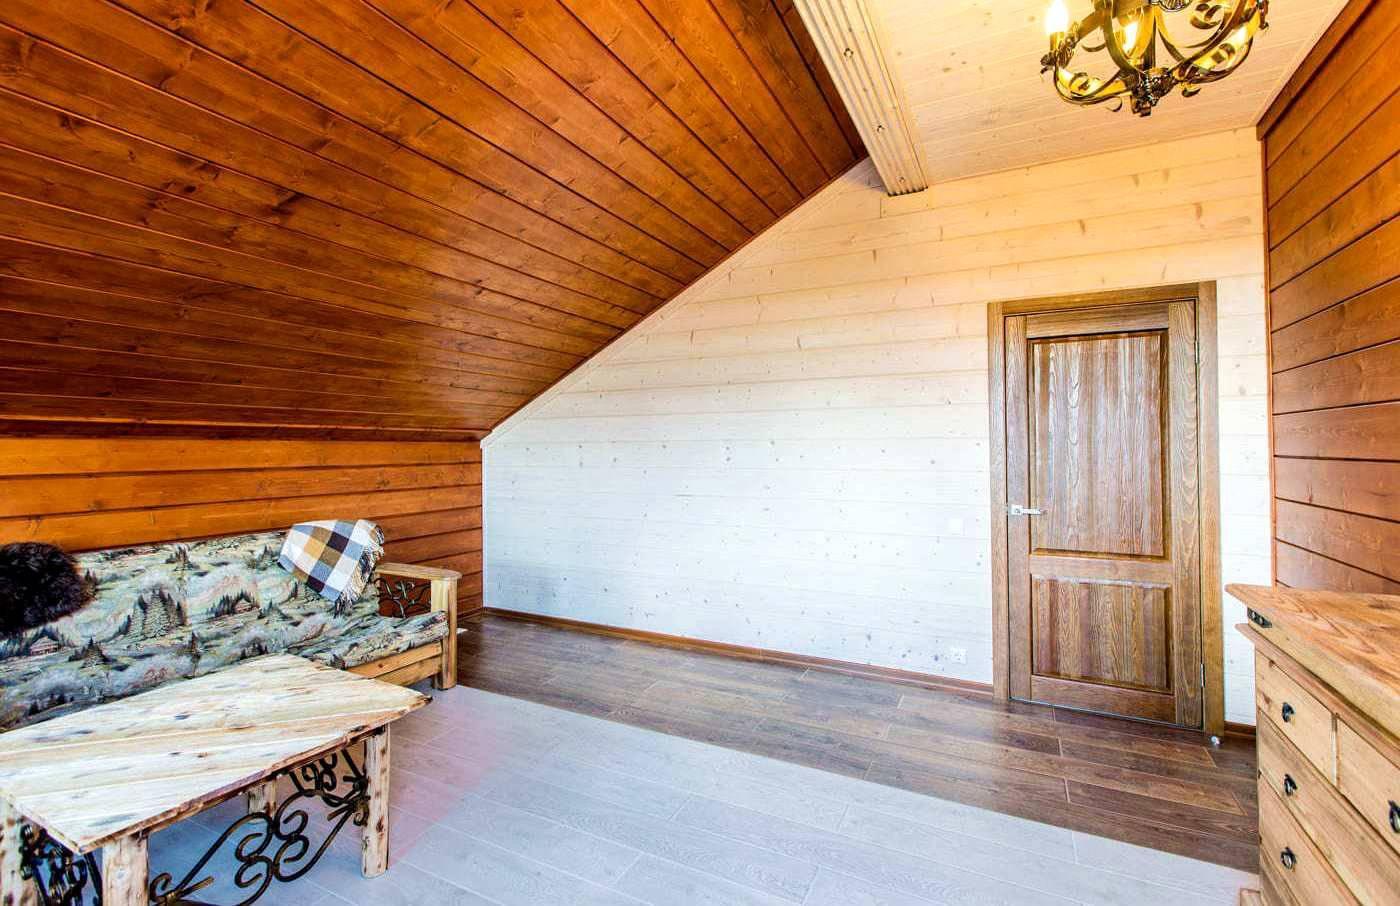 9 советов по внутренней отделке деревянных стен   строительный блог вити петрова